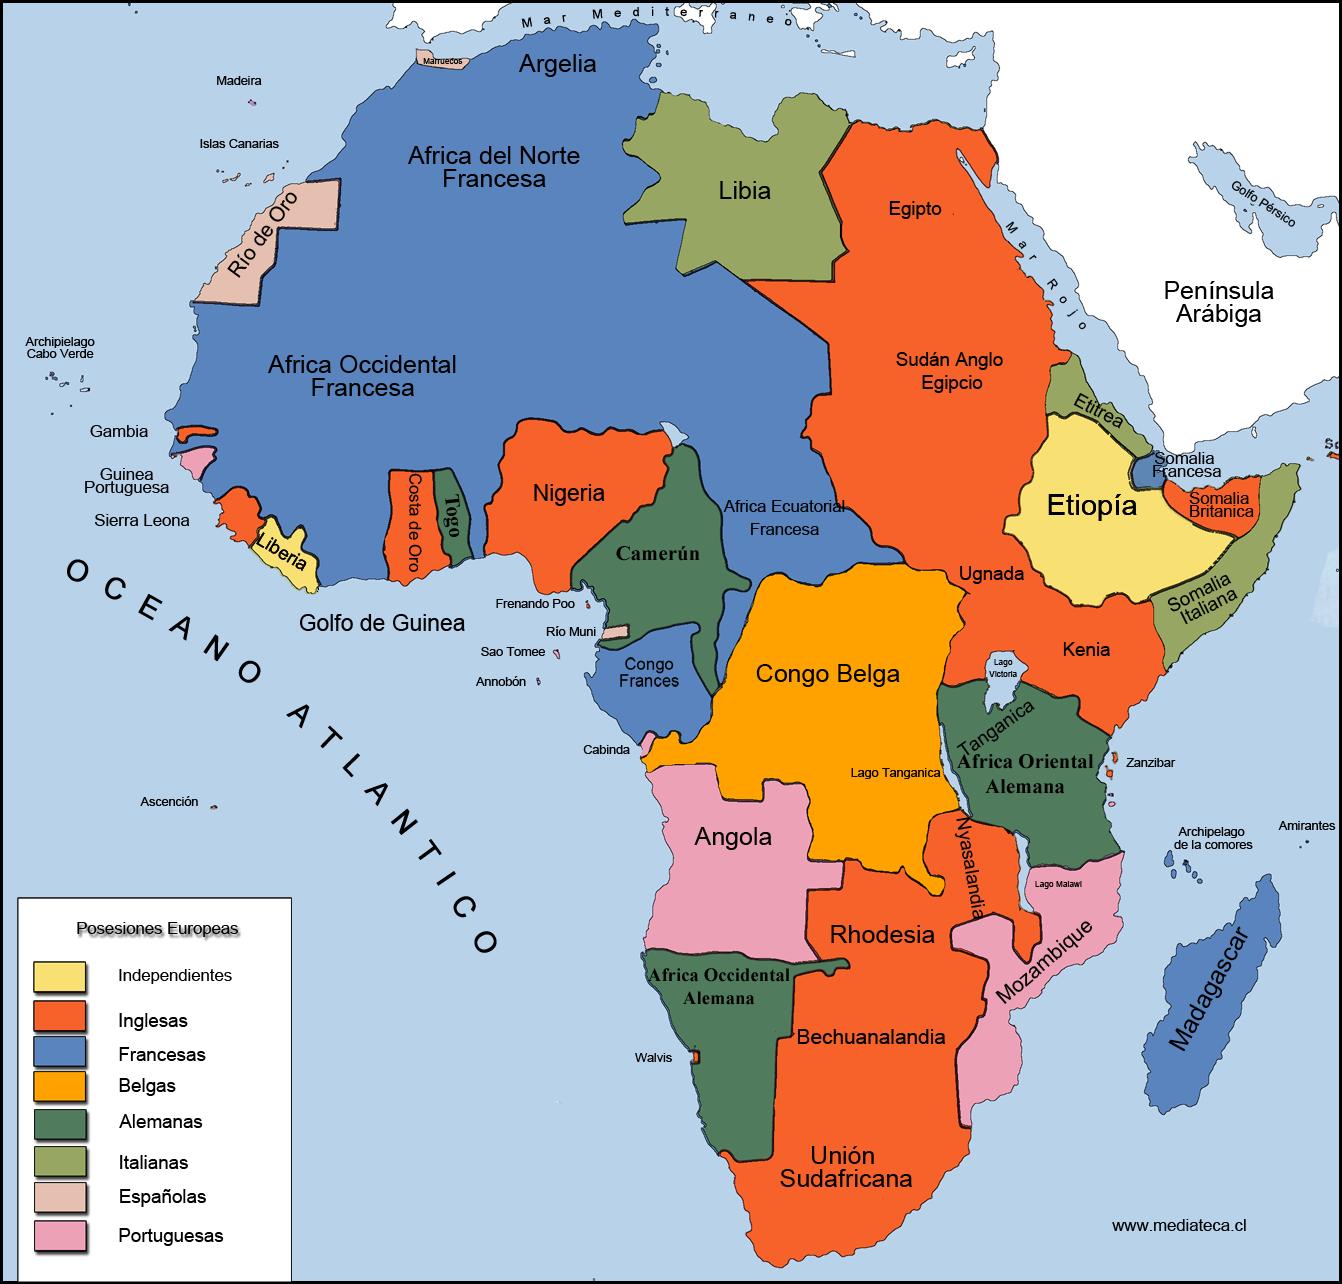 Mapa De áfrica Tras La Ocupación De Las Potencias Europeas A Causa De La Revolución Industrial Mapa De Fina Africa Mapa Relaciones Internacionales Continentes